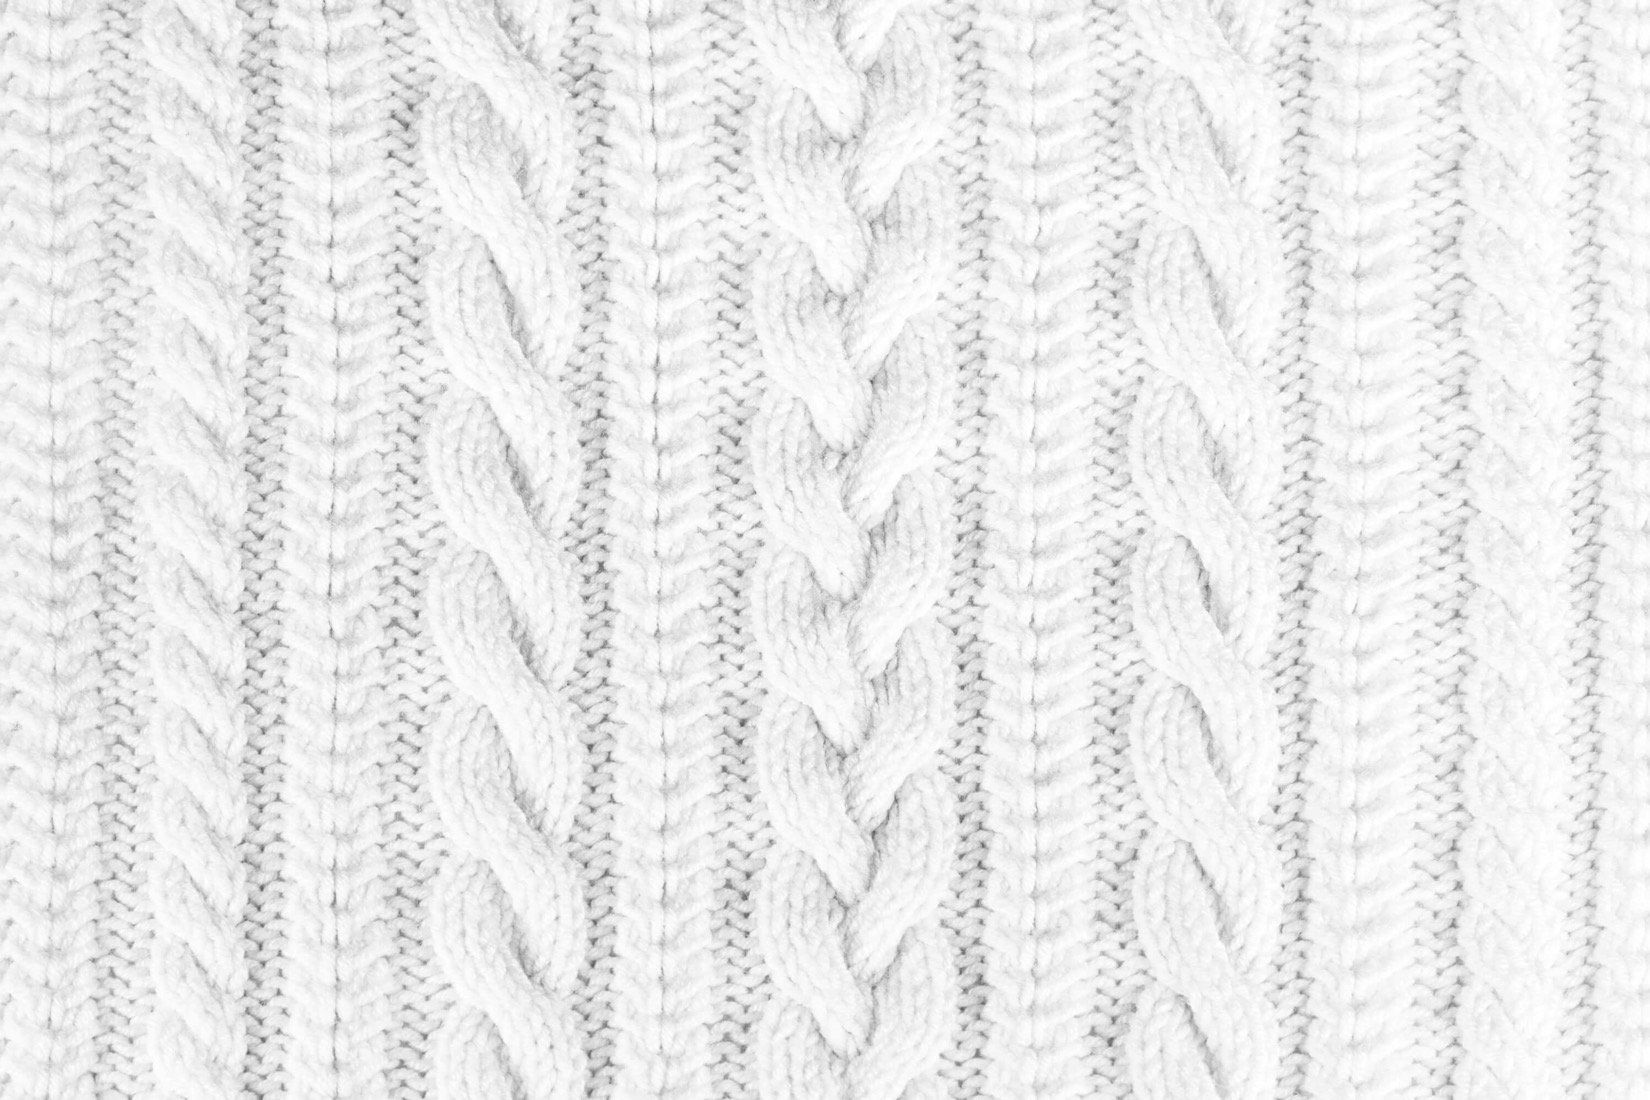 White Knit Texture Wallpaper Mural Muralswallpaper In